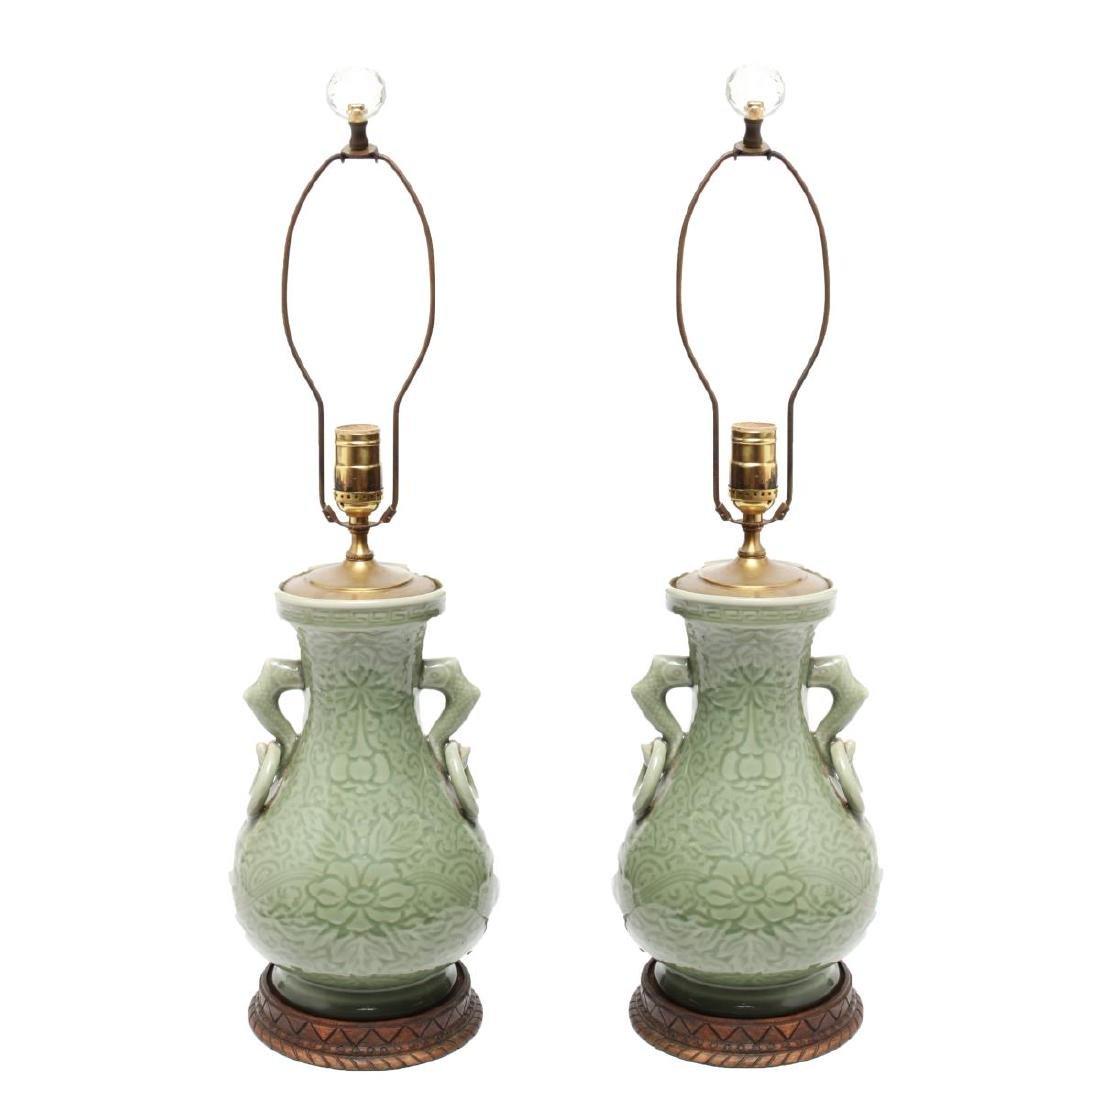 Chinese Longquan Celadon Porcelain Vase Lamps,Pr